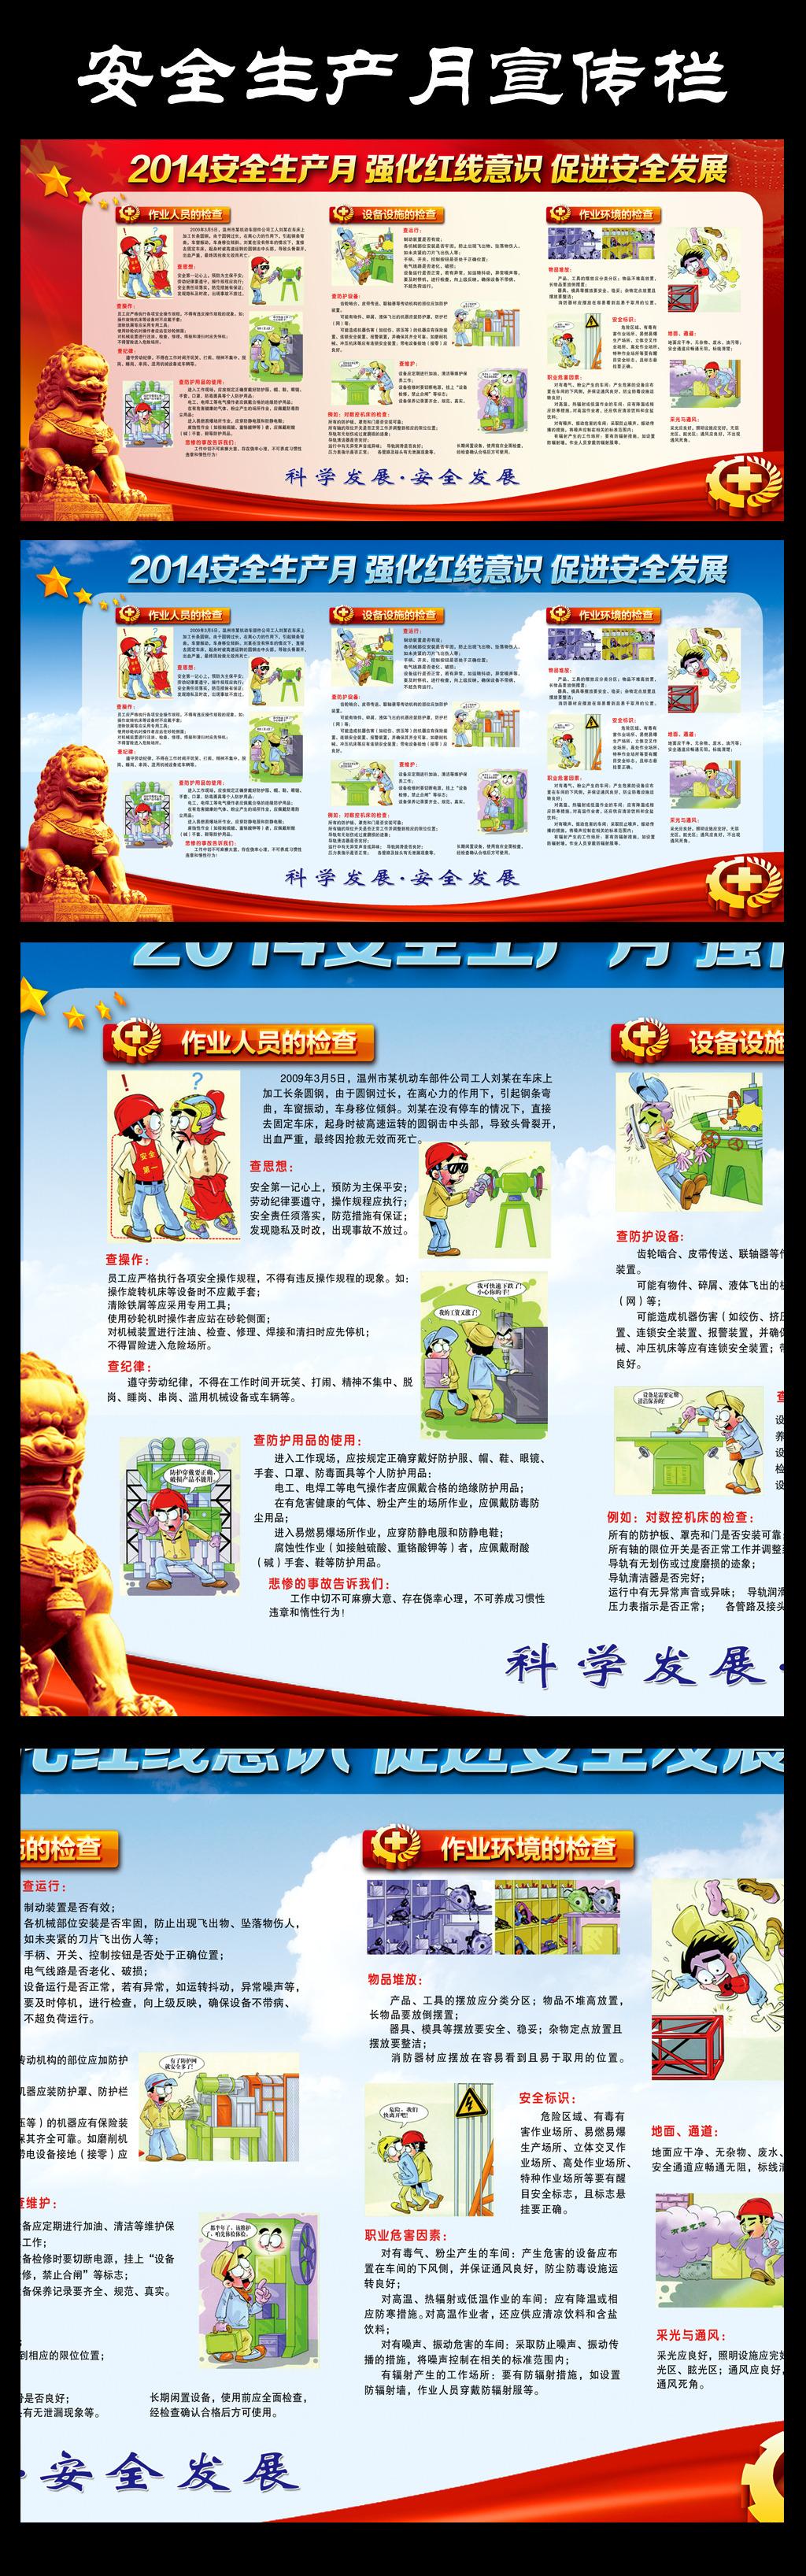 2014年安全生产月板报宣传画